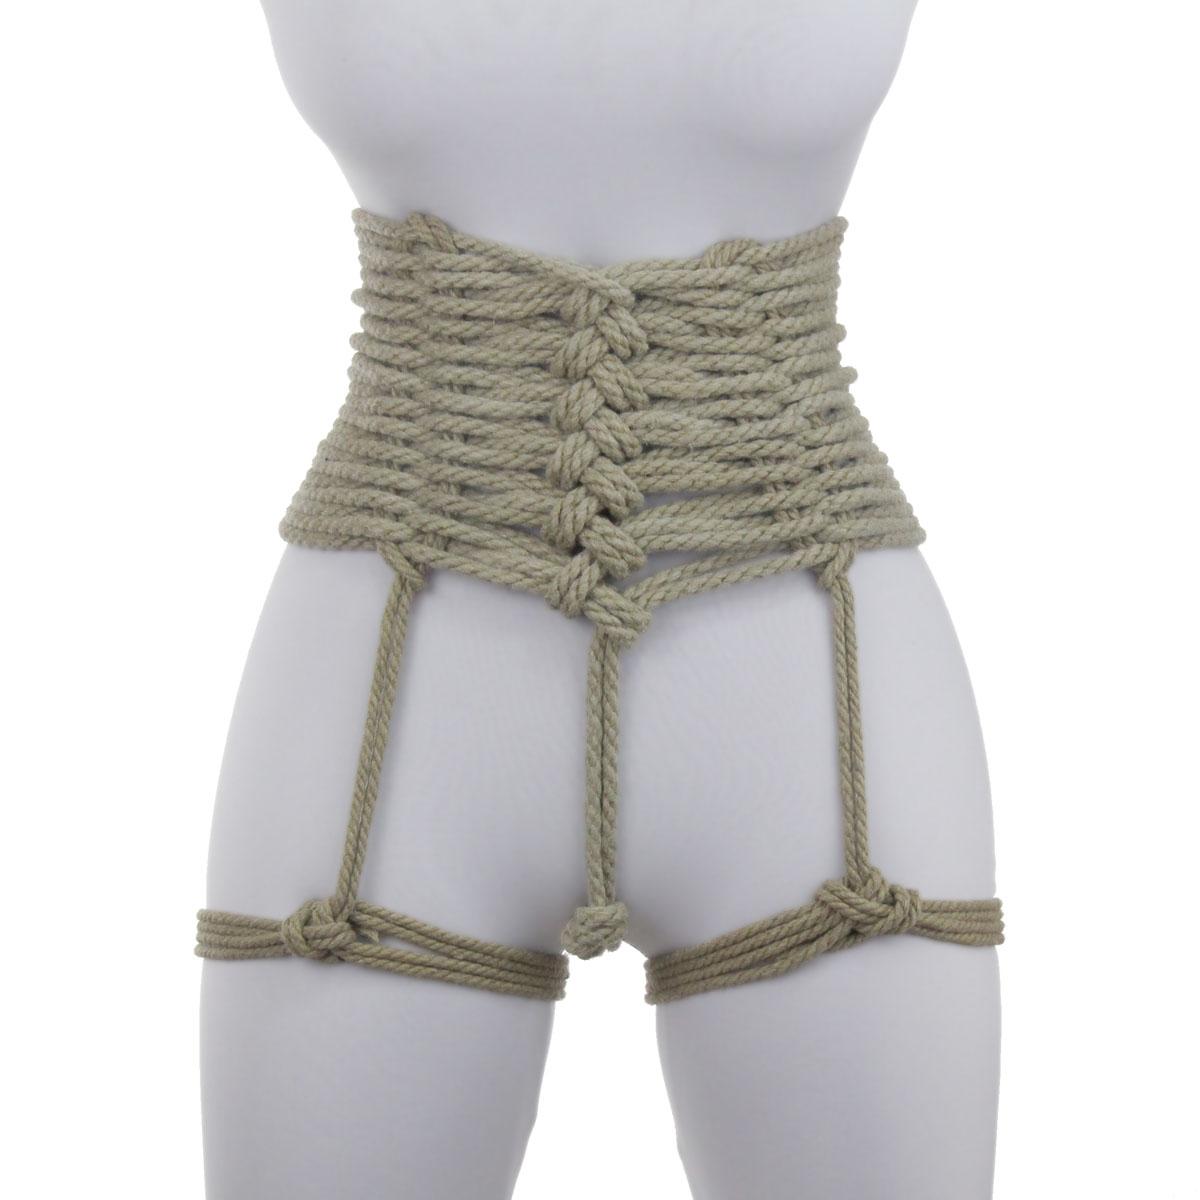 Breast binding rope